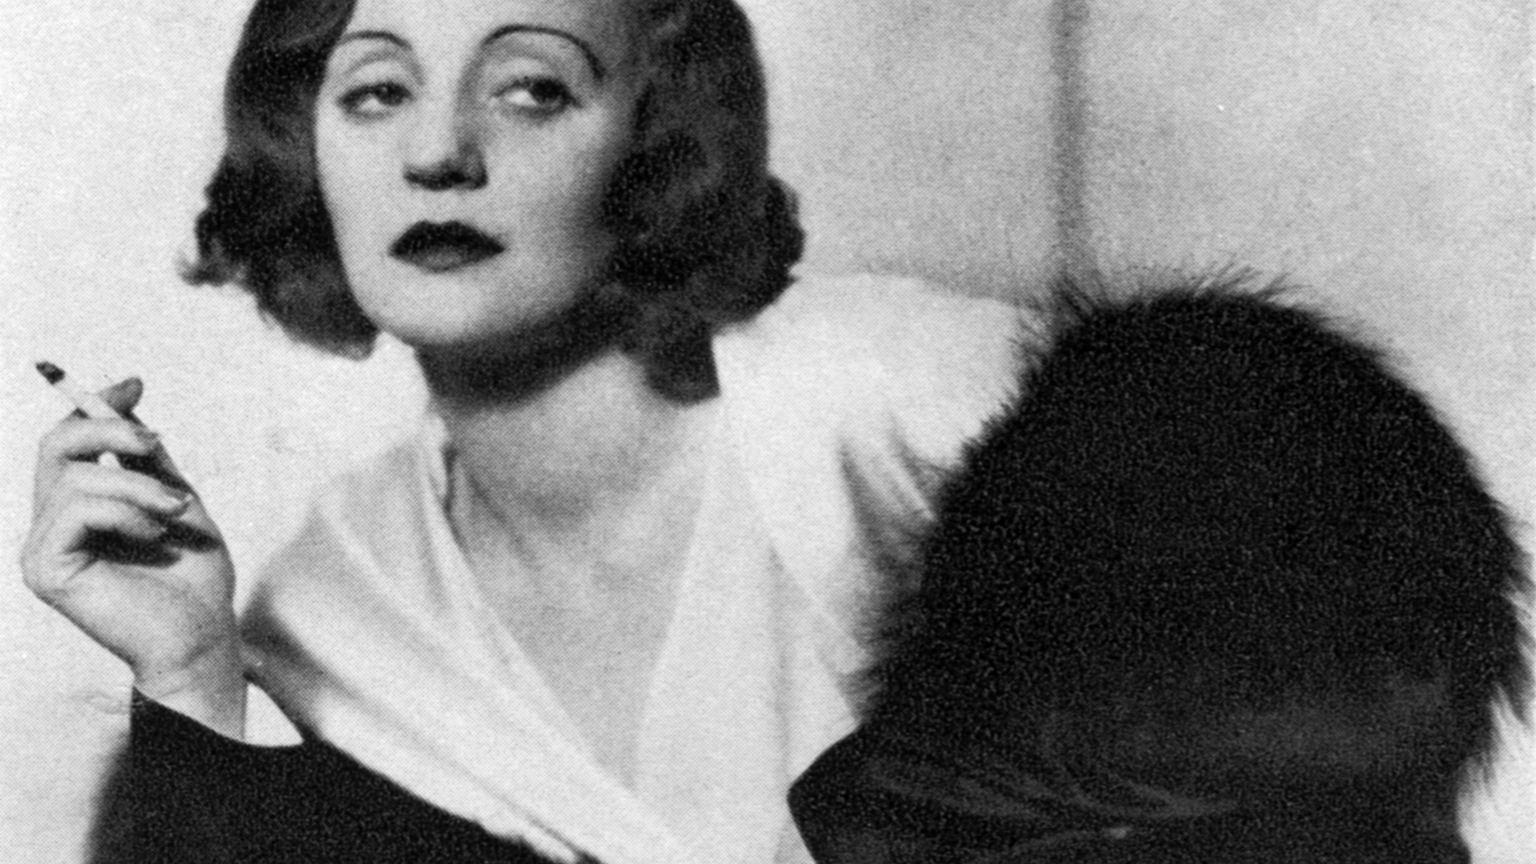 Tallulah Bankhead jako Judith Traherne w broadwayowskiej produkcji 'Dark Victory' z 1934 r.